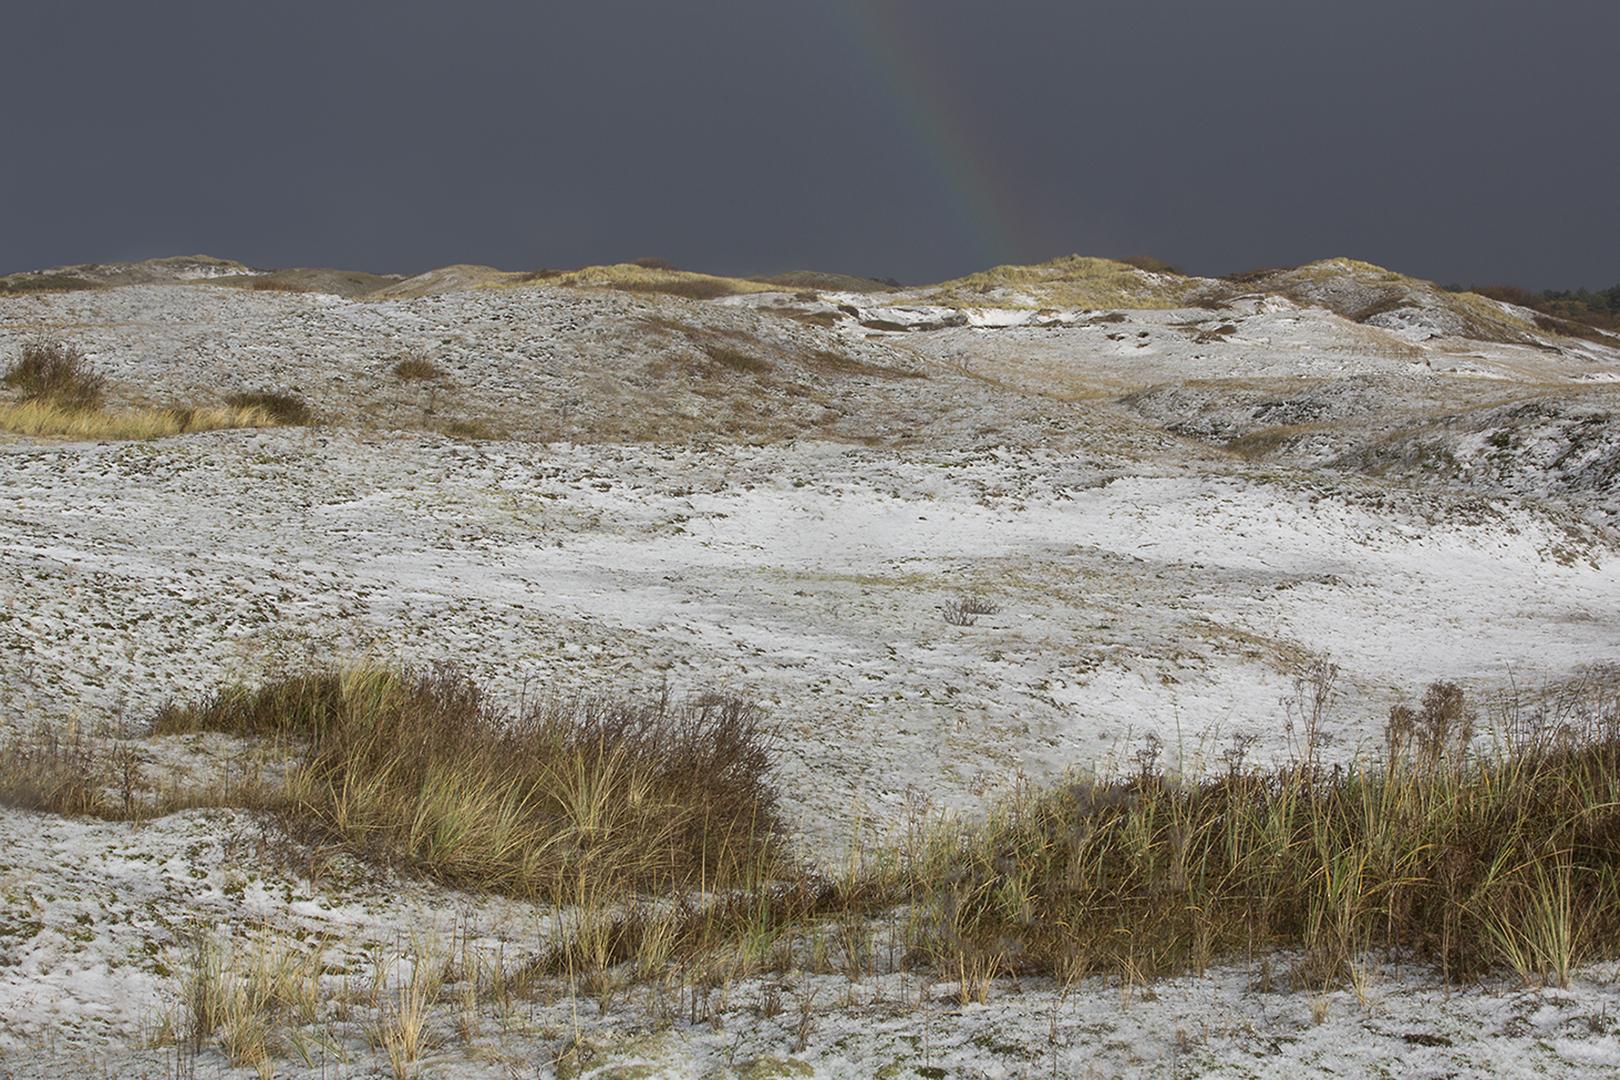 1868 Hagel in de duinen 2016-11-18 Bw-v 1620